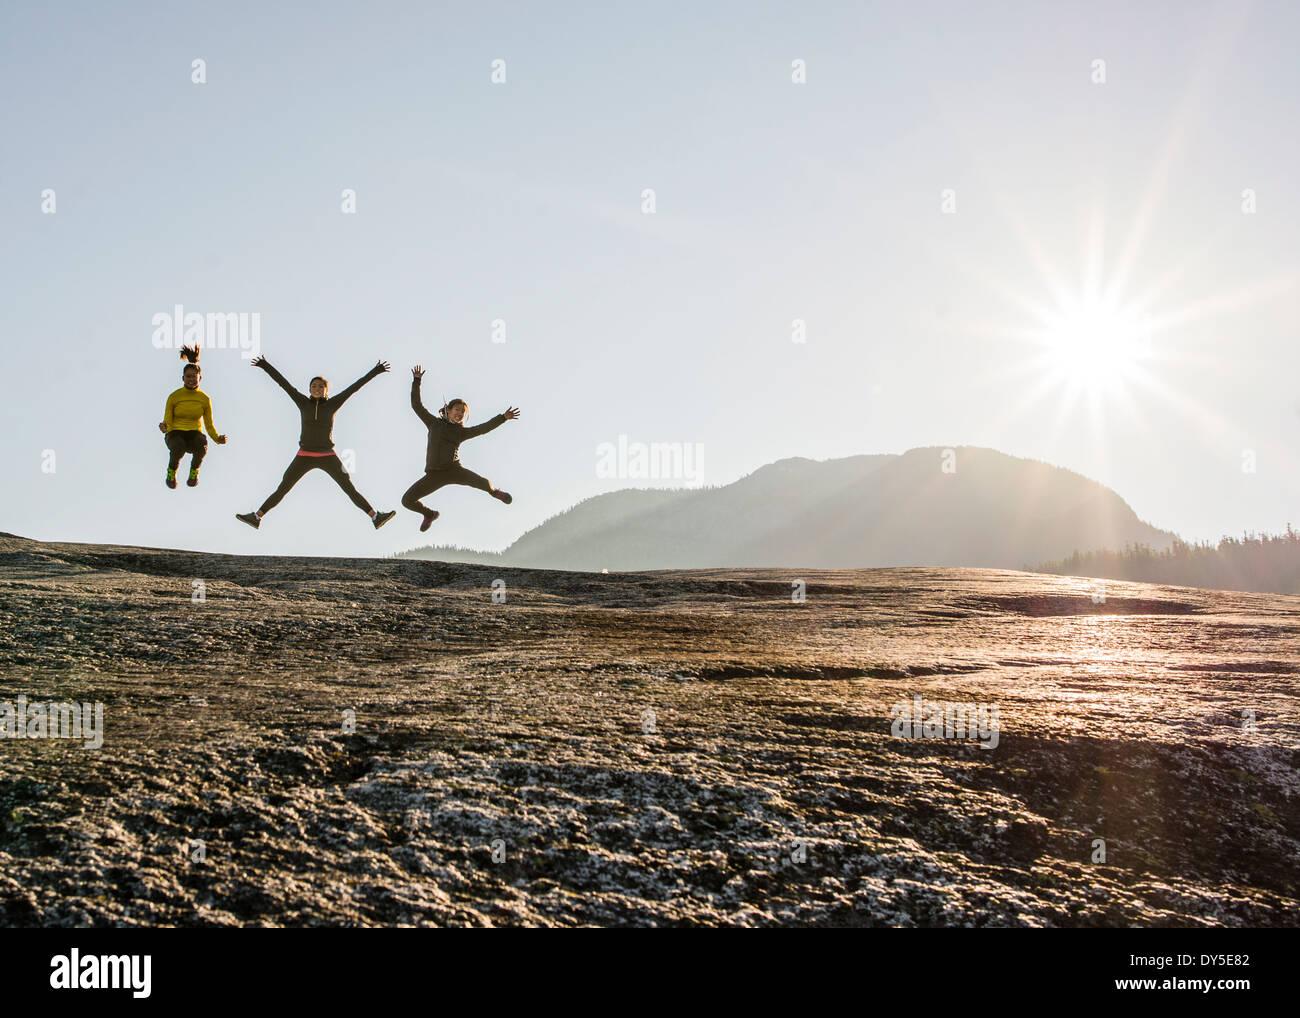 Tres jóvenes mujeres excursionistas saltando de roca en medio del aire, Squamish, British Columbia, Canadá Imagen De Stock